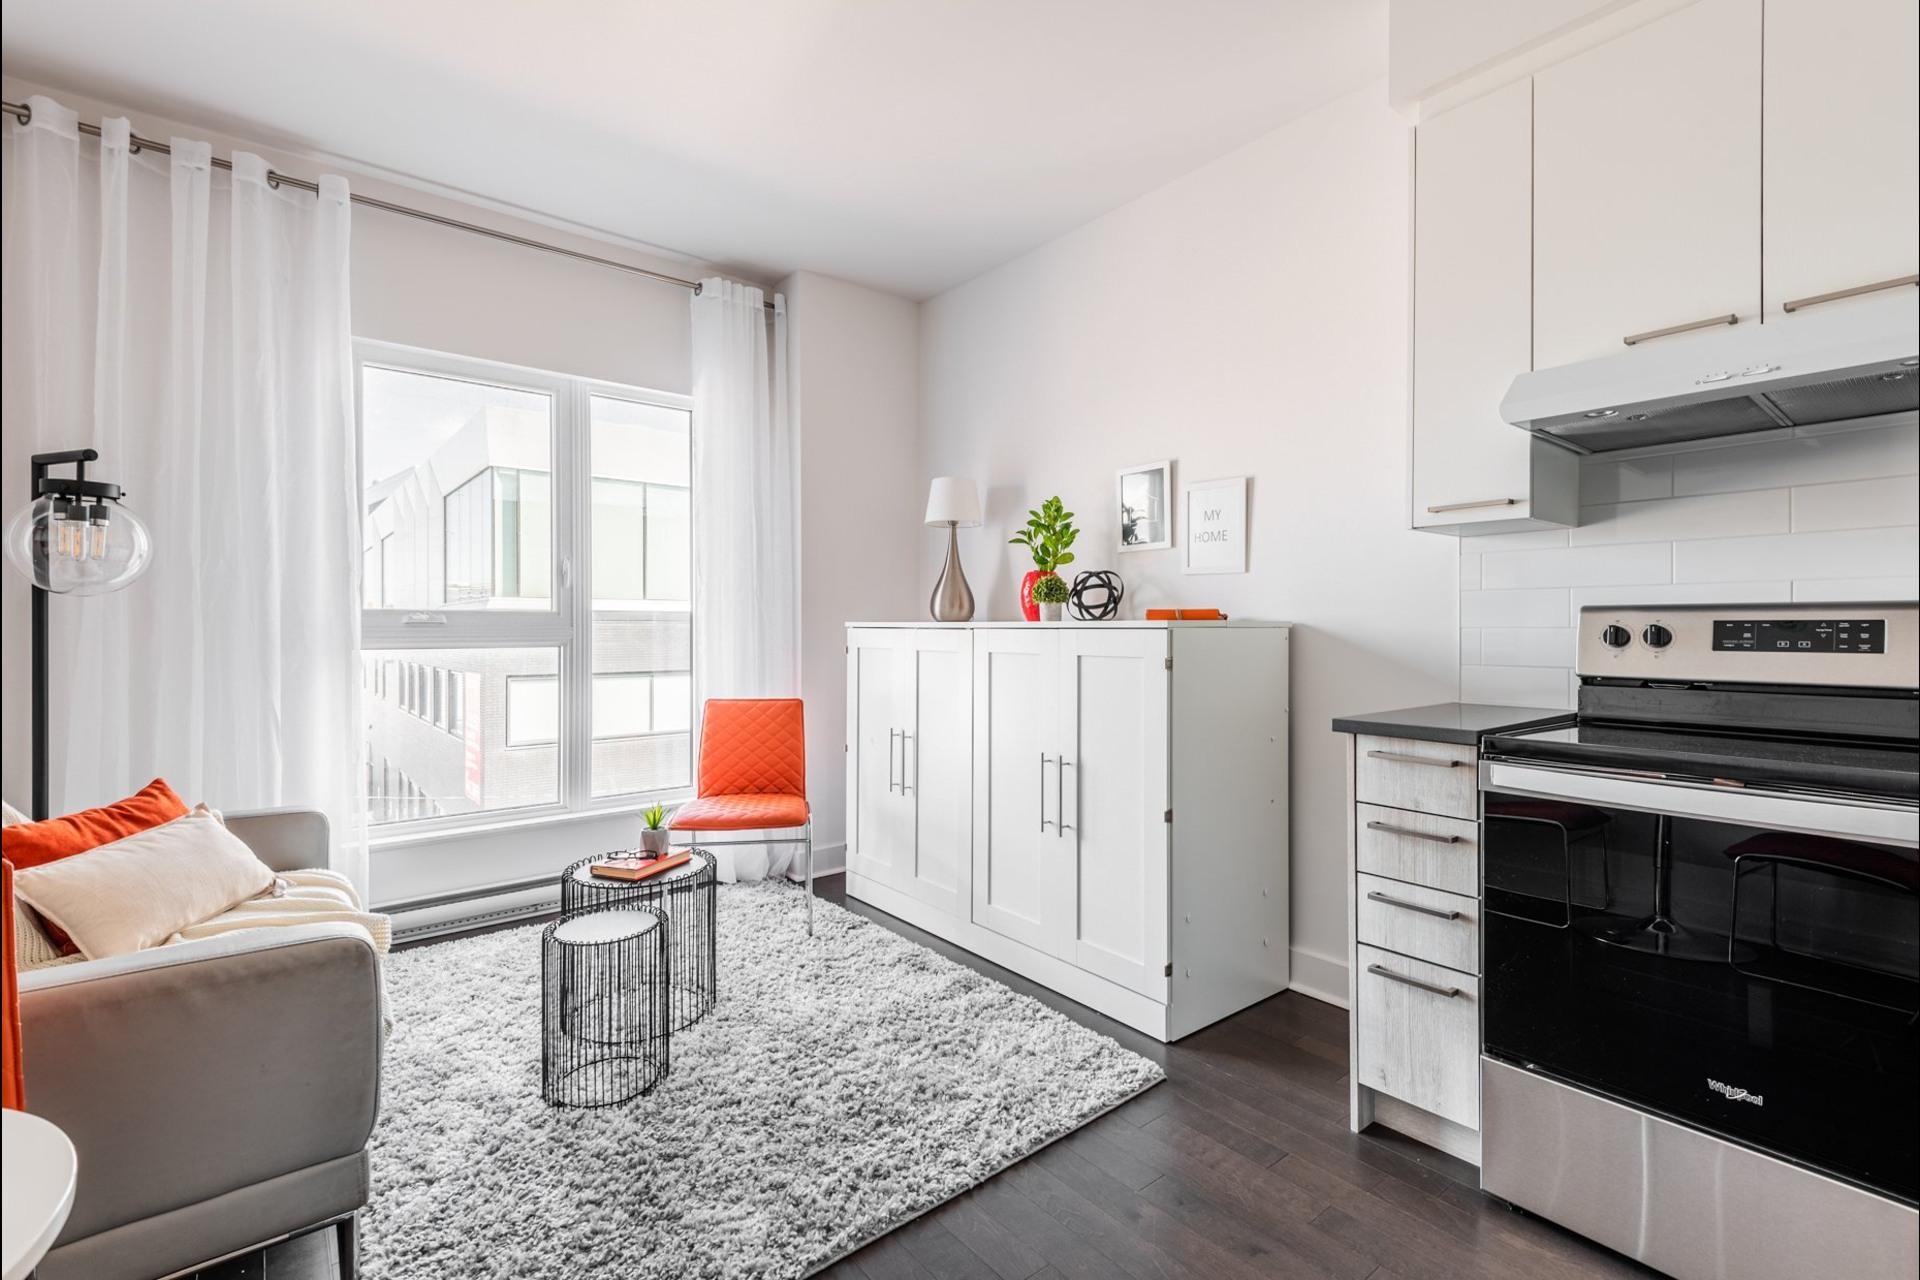 image 1 - Apartment For sale Villeray/Saint-Michel/Parc-Extension Montréal  - 3 rooms